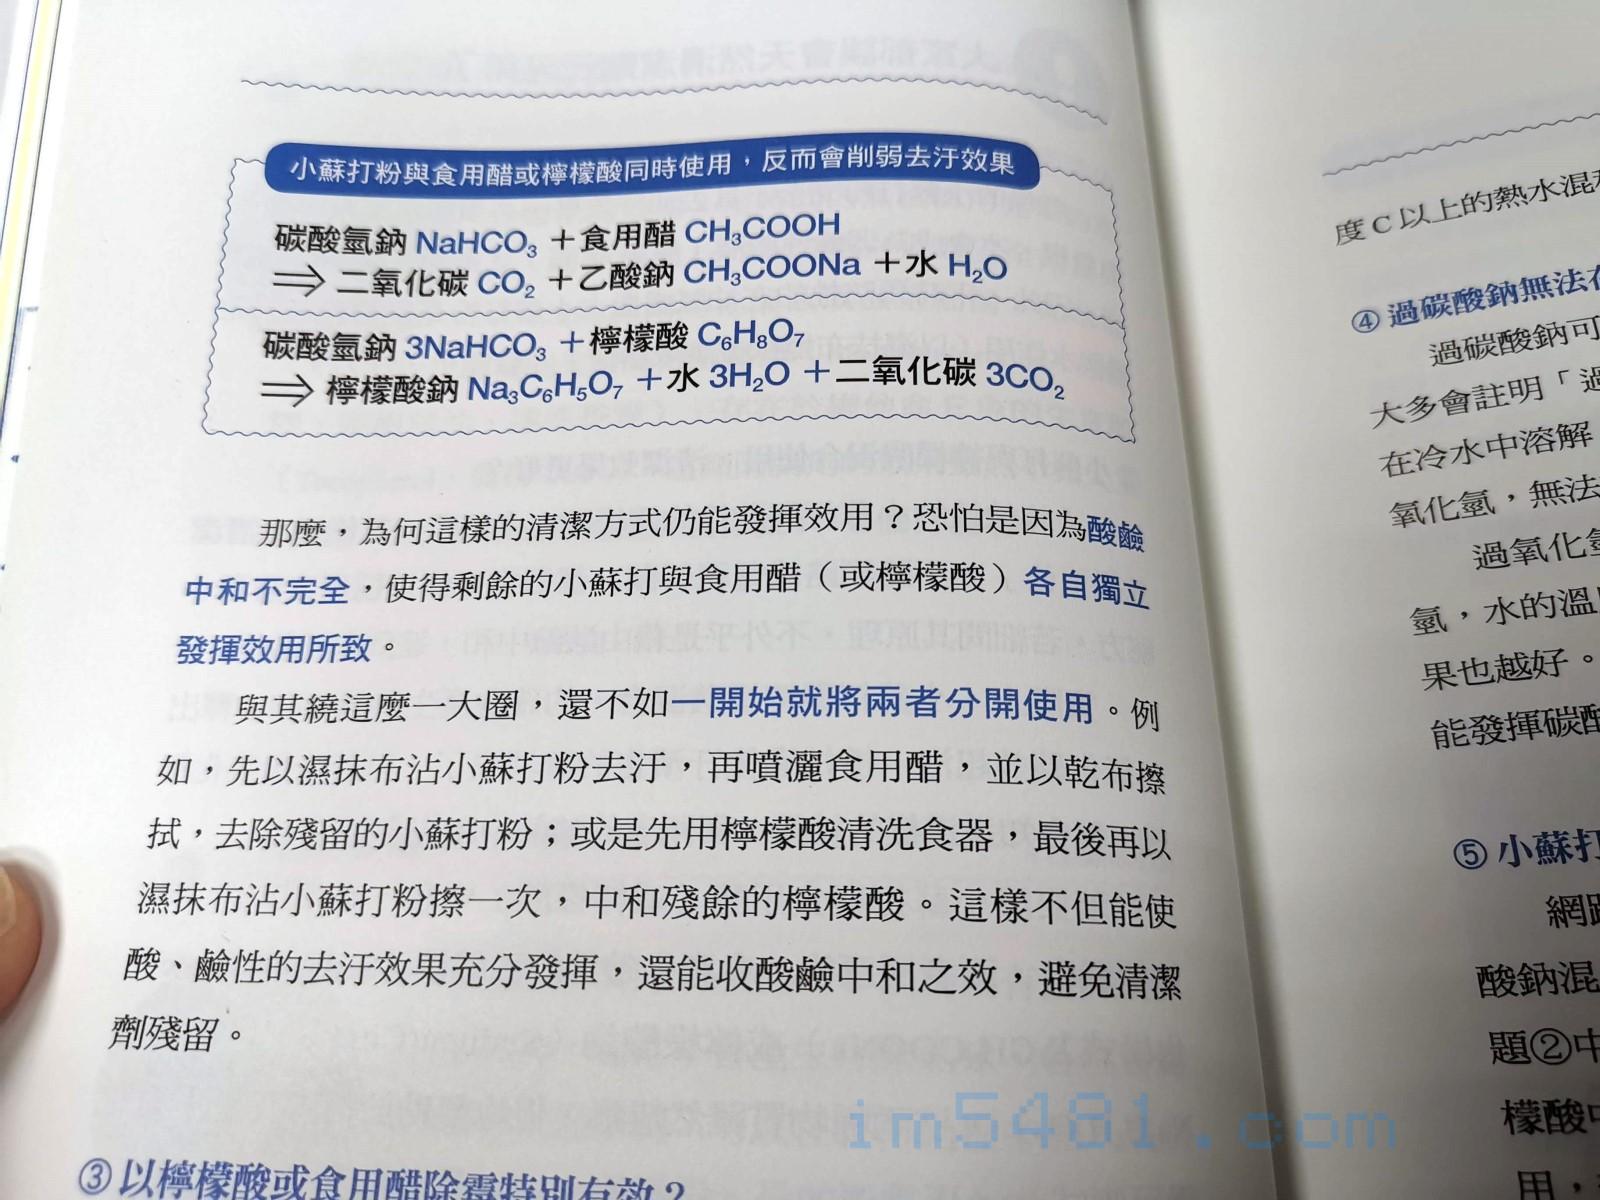 市售清潔劑為何總是洗不乾淨第2章第60頁 小蘇打與食用醋或檸檬酸混合使用反而降低去汙力